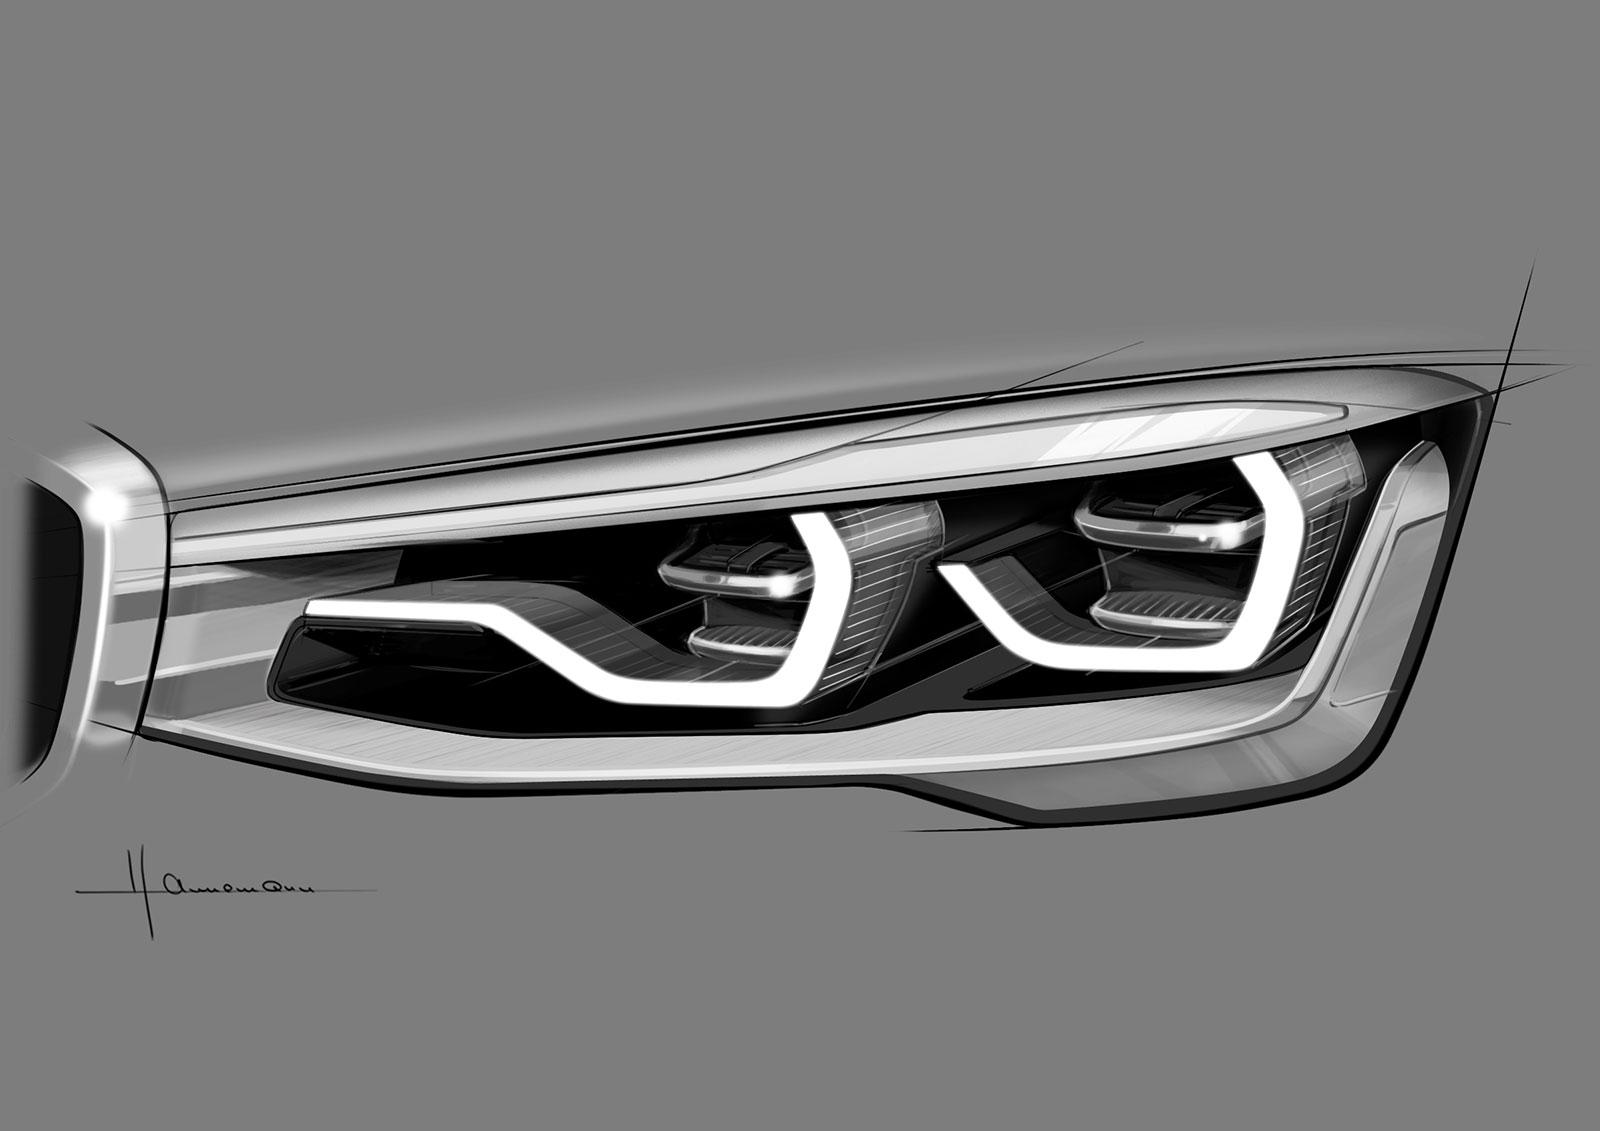 Drawn bmw car design  Bmw ideas on Pinterest